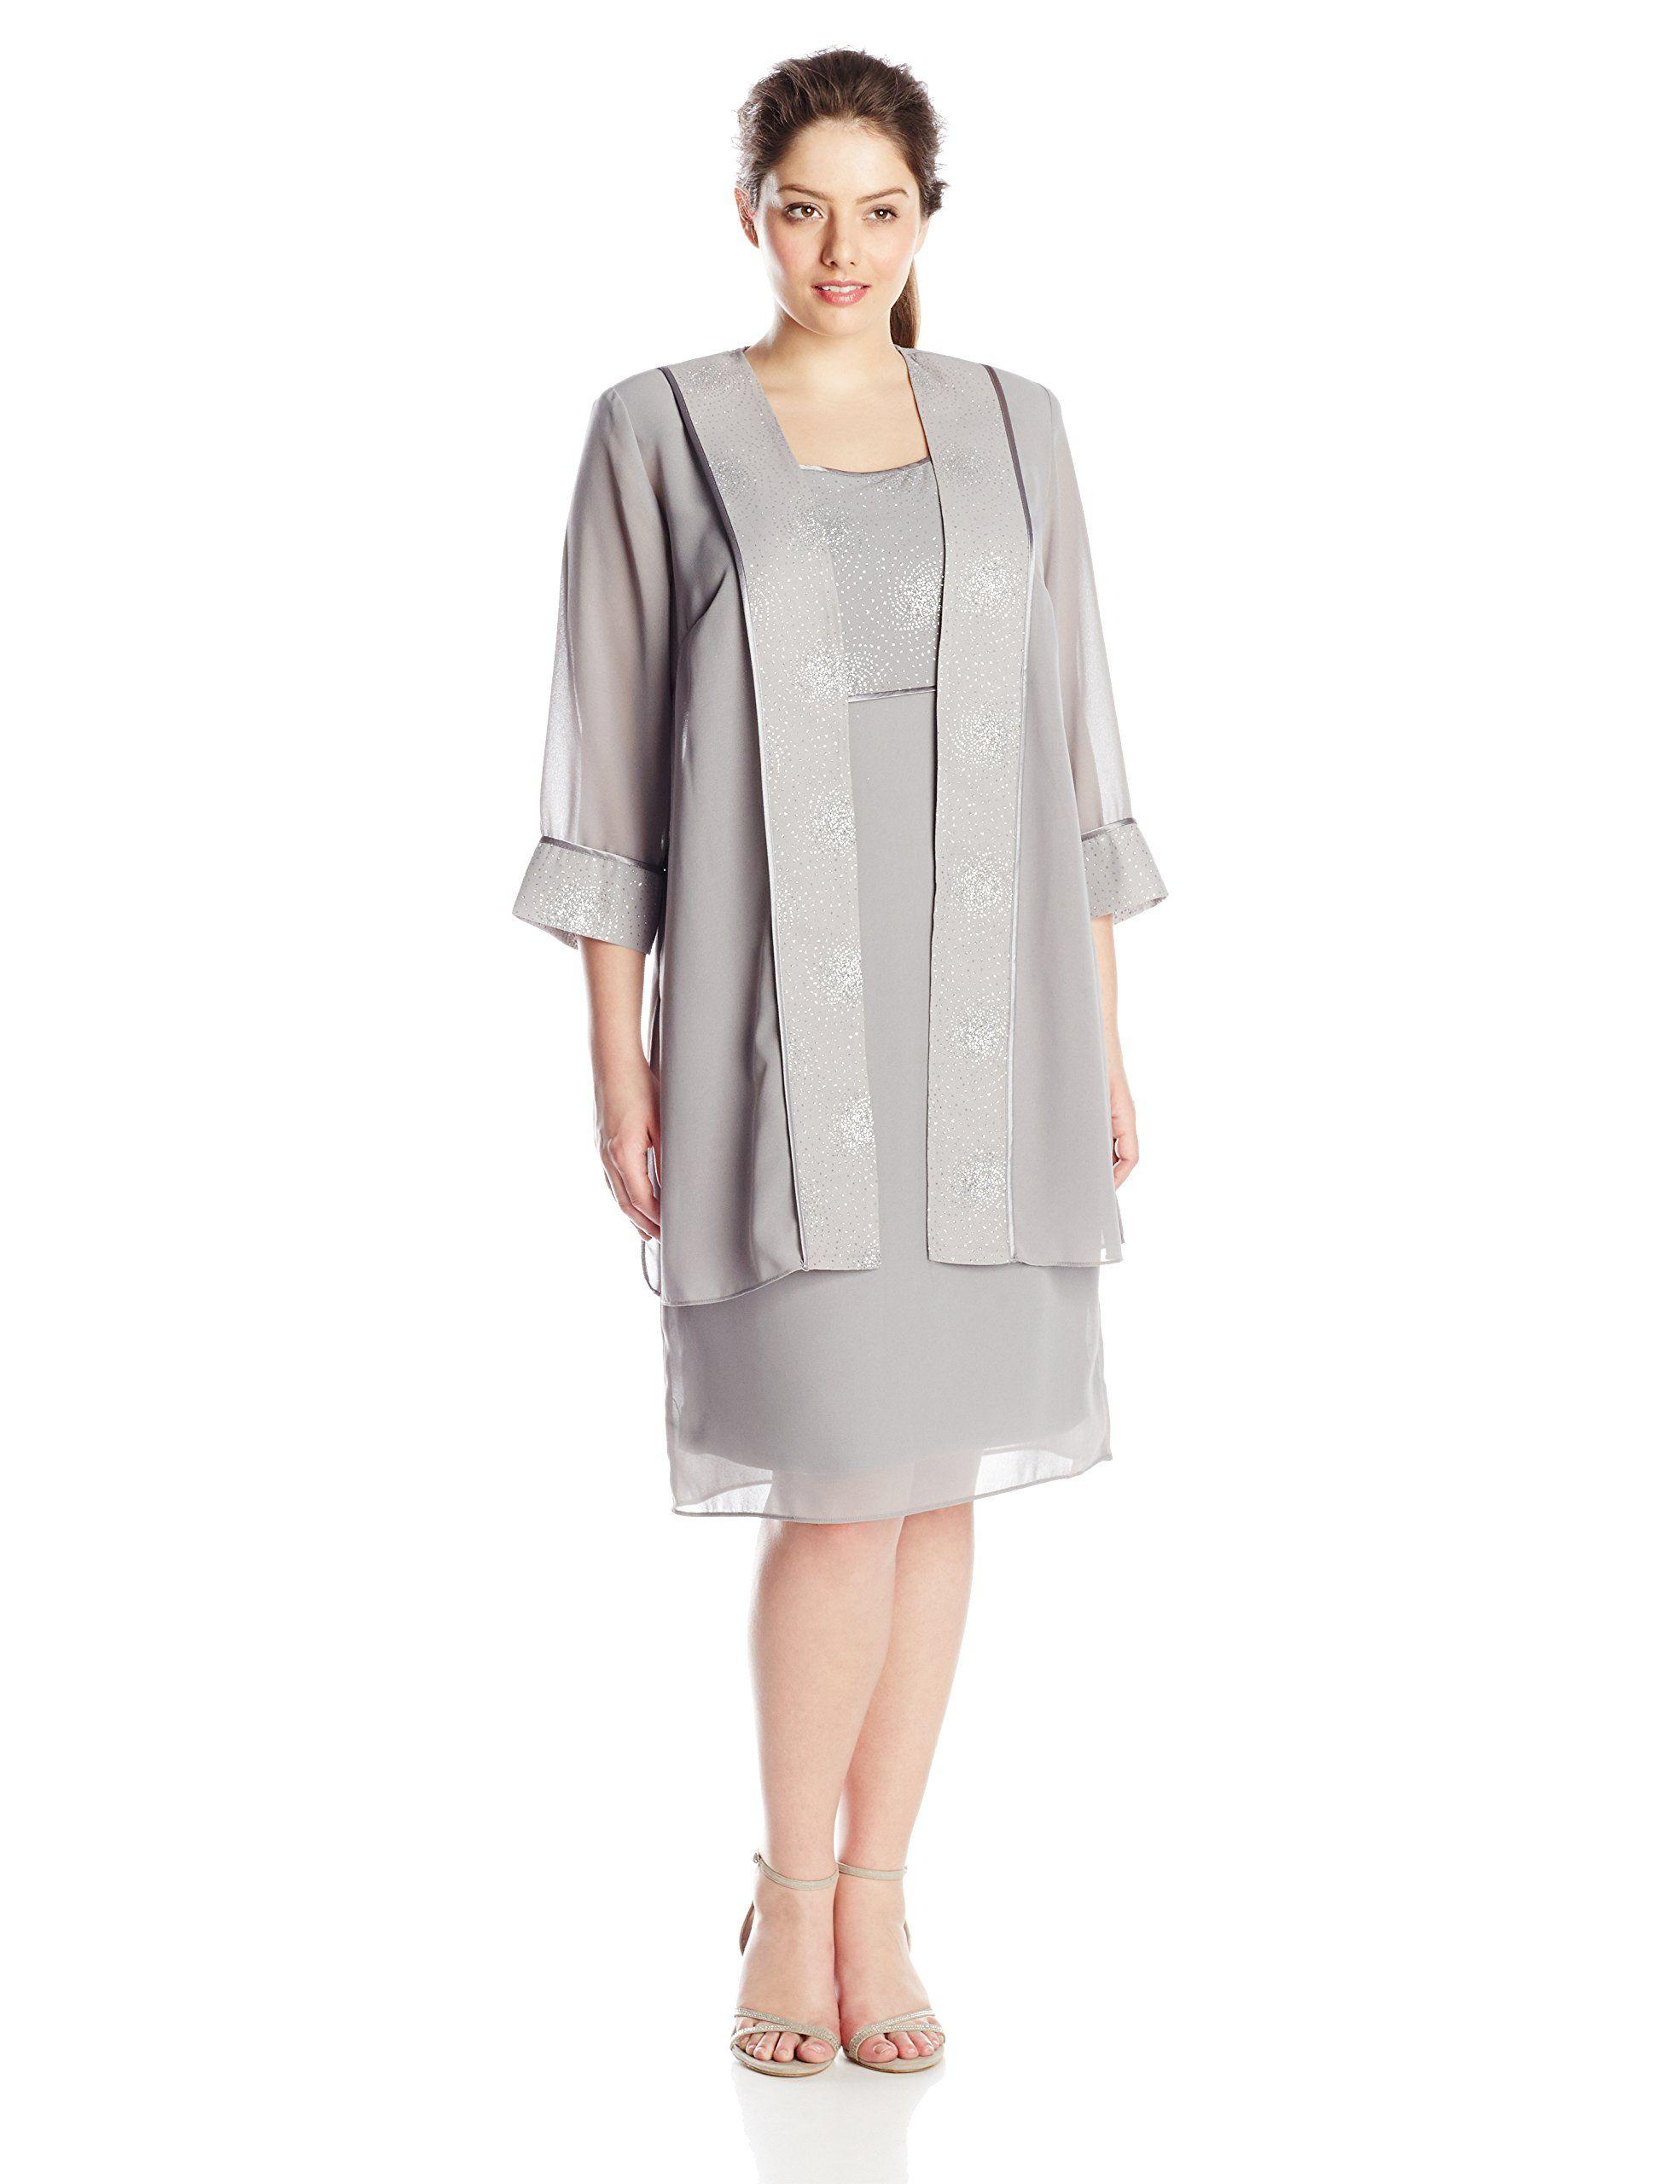 Dana Kay Womens Plus Size Glitter Duster Jacket Dress Silver 14w